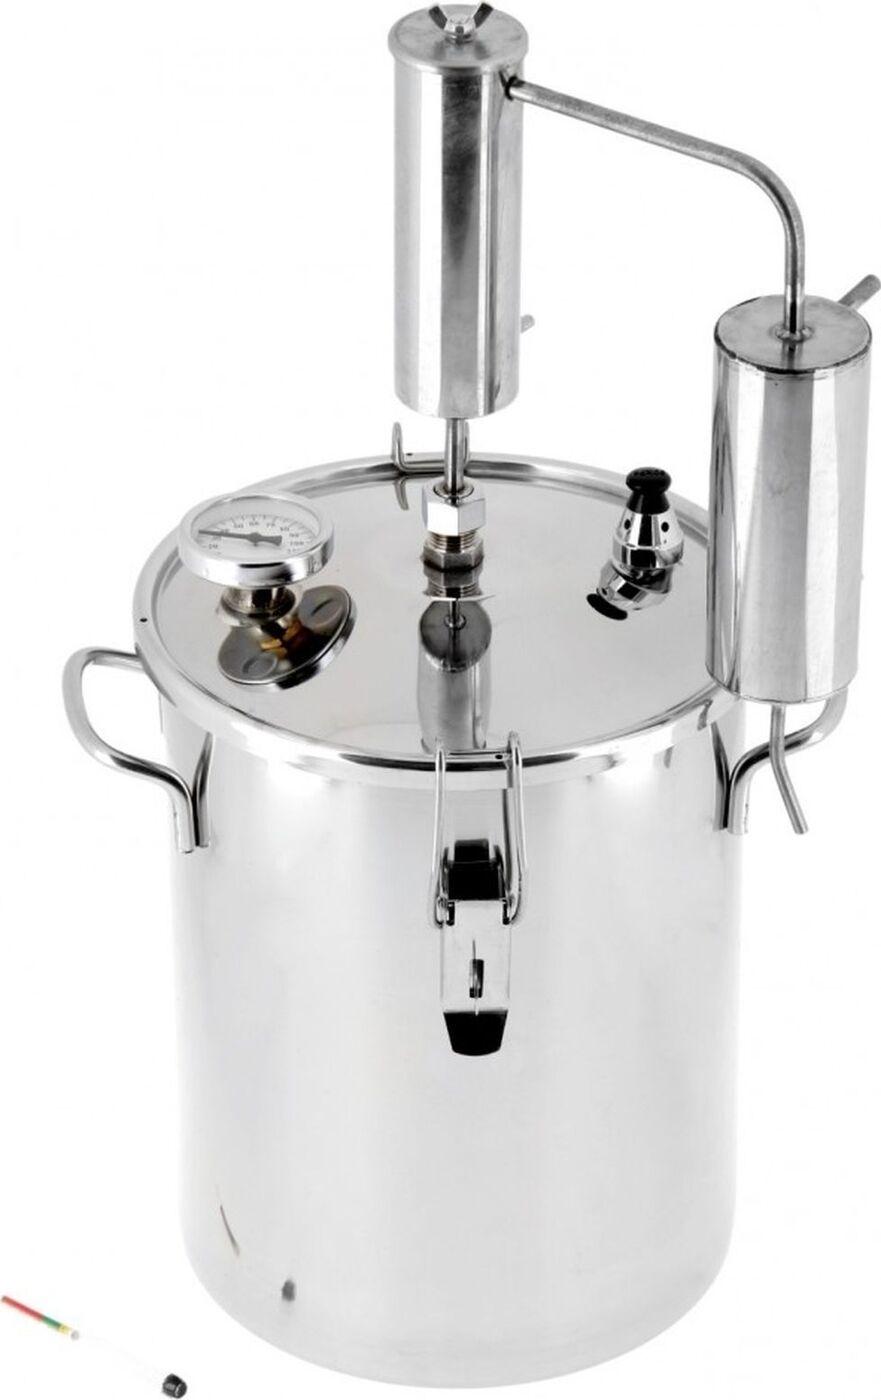 Дистиллятор Первач - Премиум Классик 12Т, домашний 12 л., охладитель с сухопарником, термометр Первач